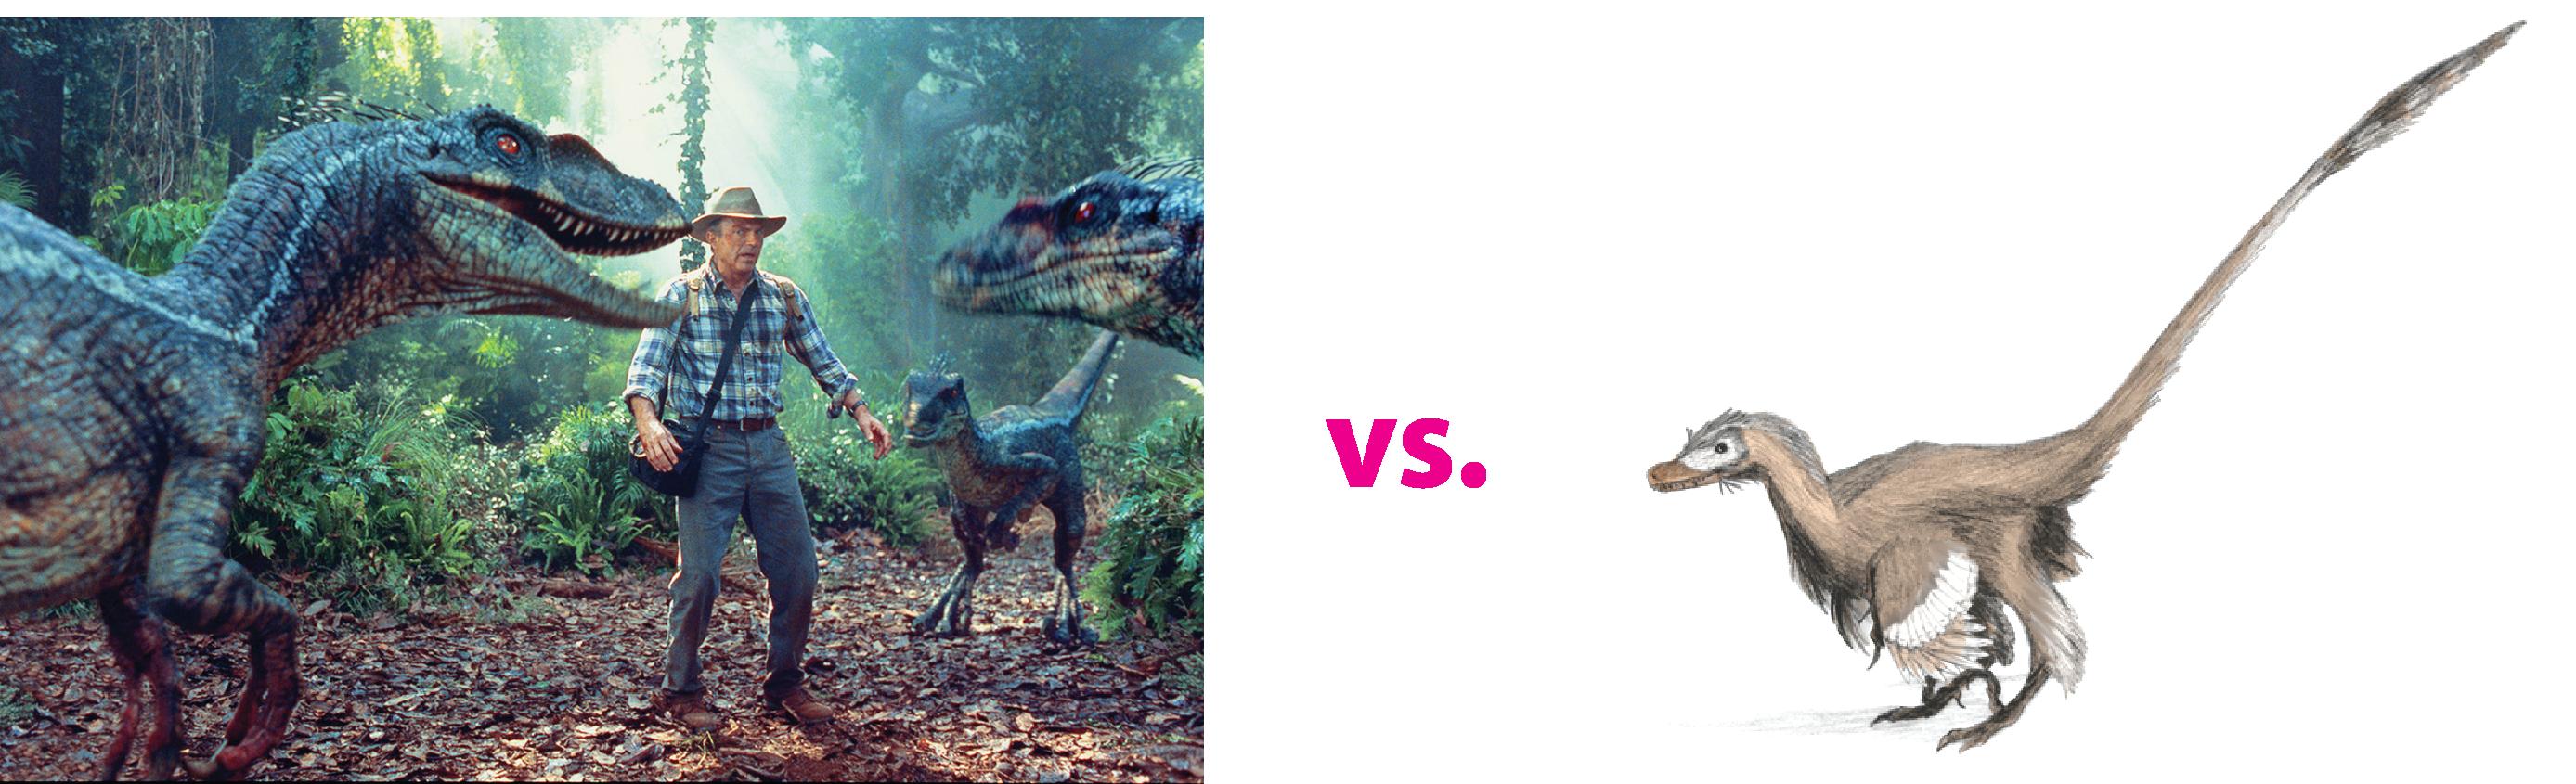 Velociraptor - Film und echt